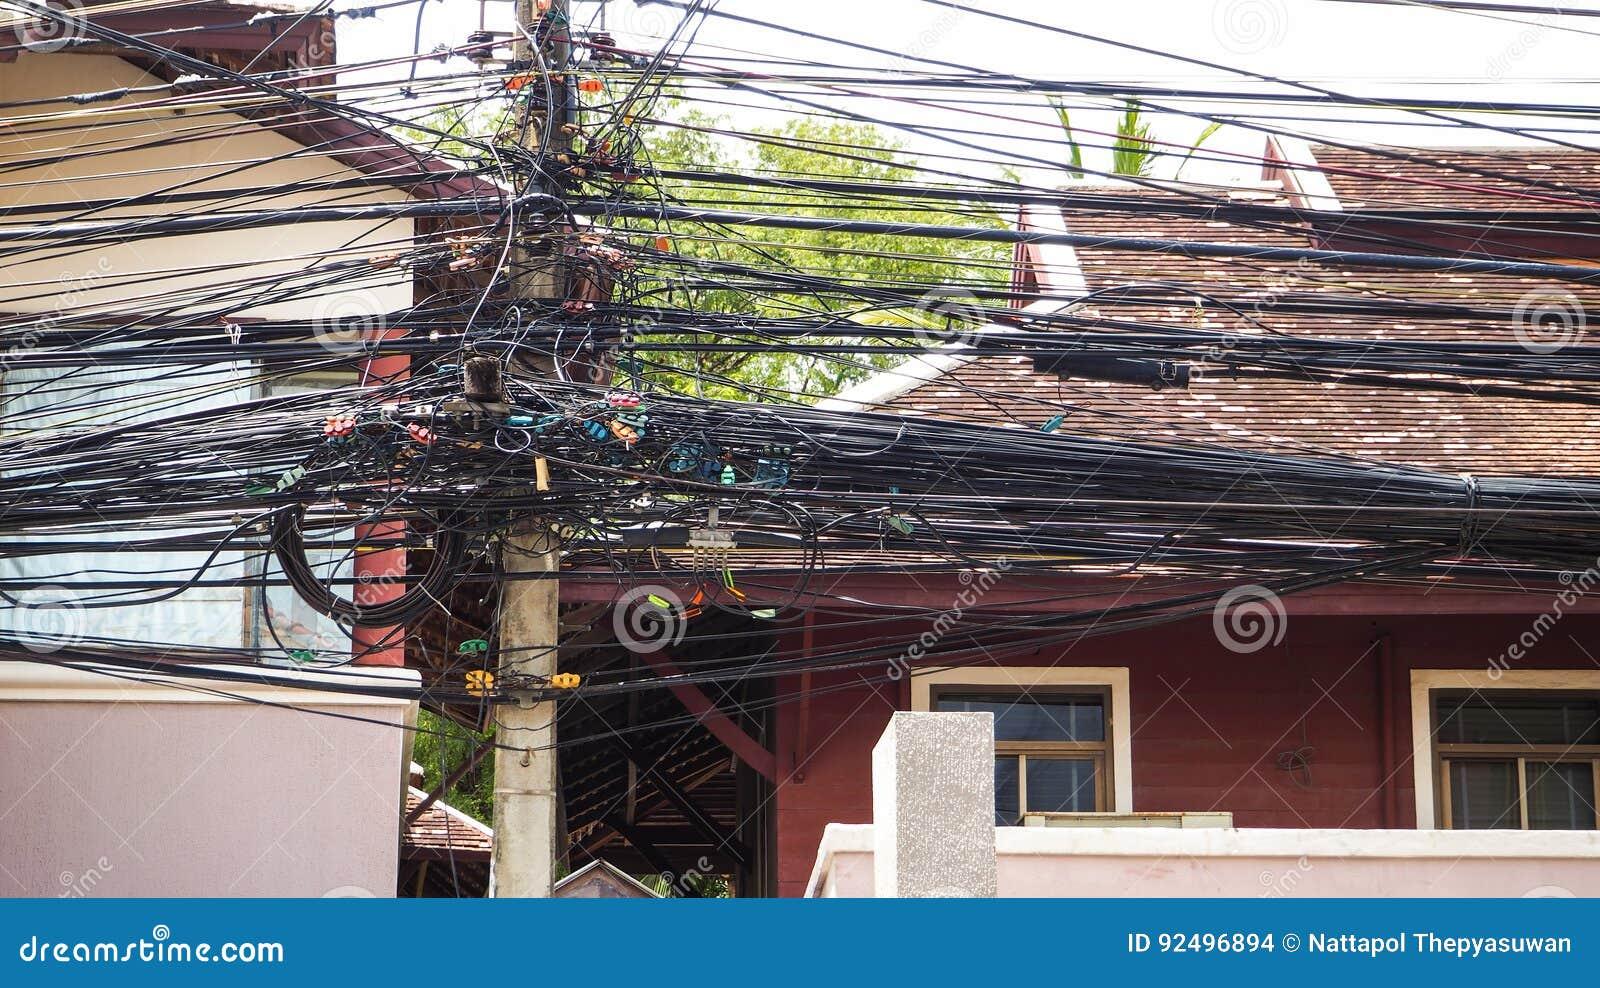 La complexité du fil de câble sur la rue de Samui, Thaïlande